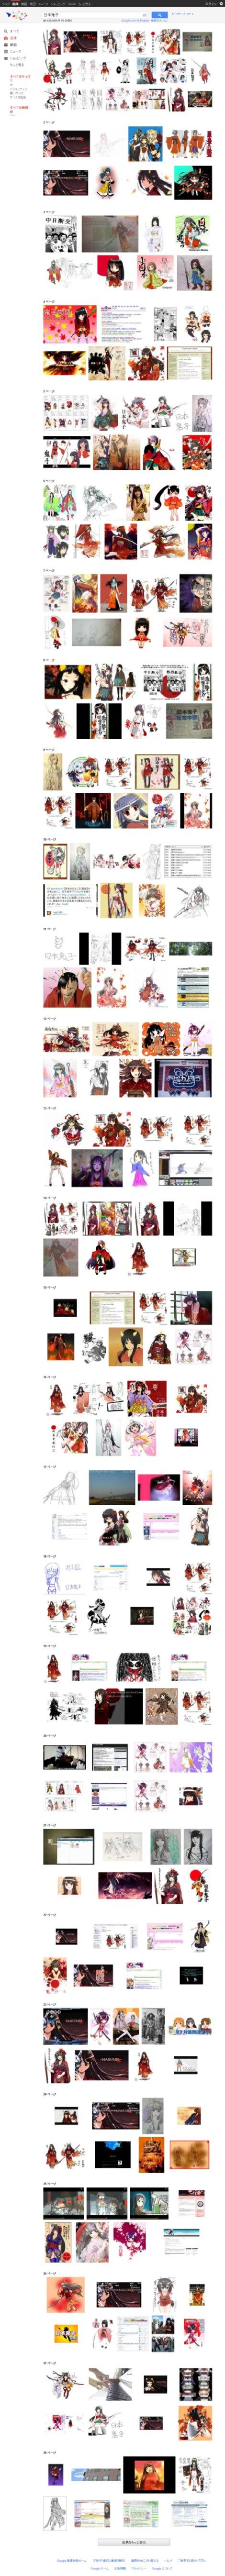 2011-07-22時点のGoogle画像検索『日本鬼子』セーフサーチOFF